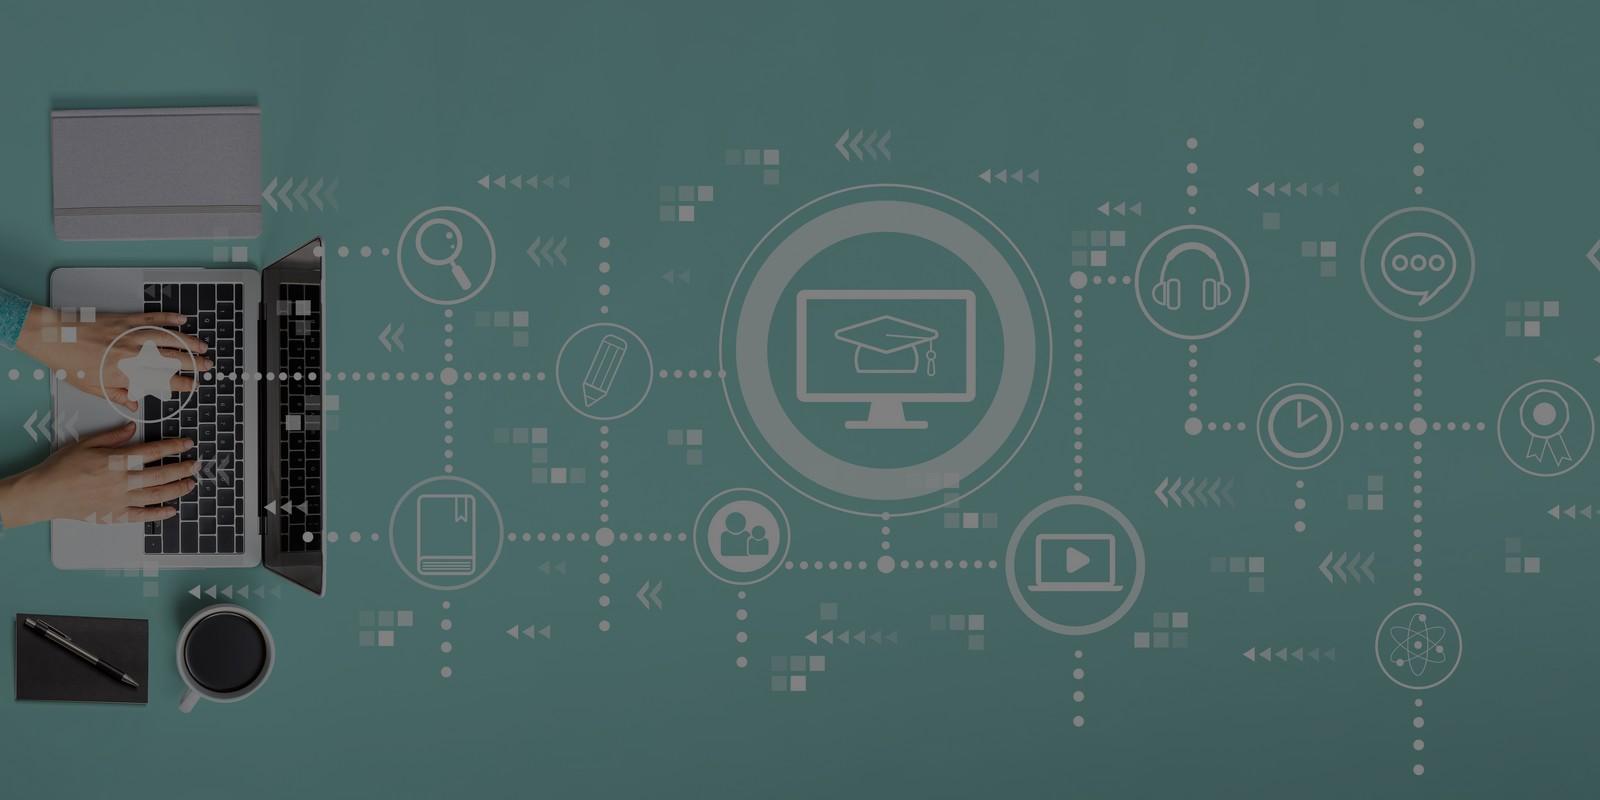 Corso e-learning sul GDPR e sicurezza informatica - Torino - Poliedra Spa